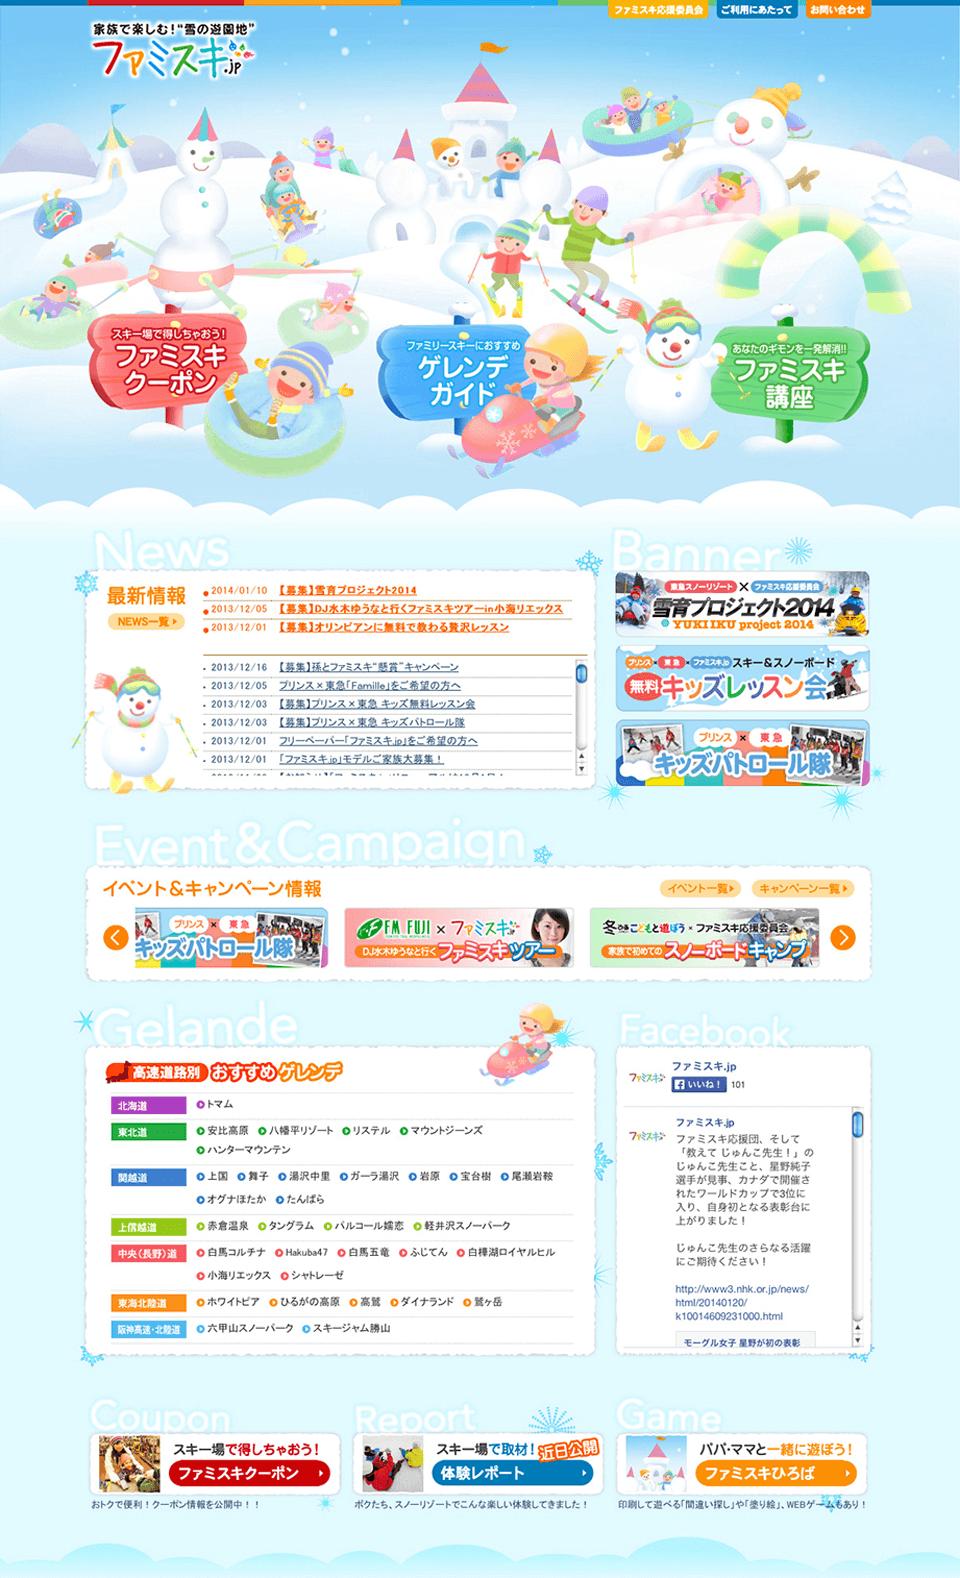 ゆきあそびサイト ファミスキ.jp 2013